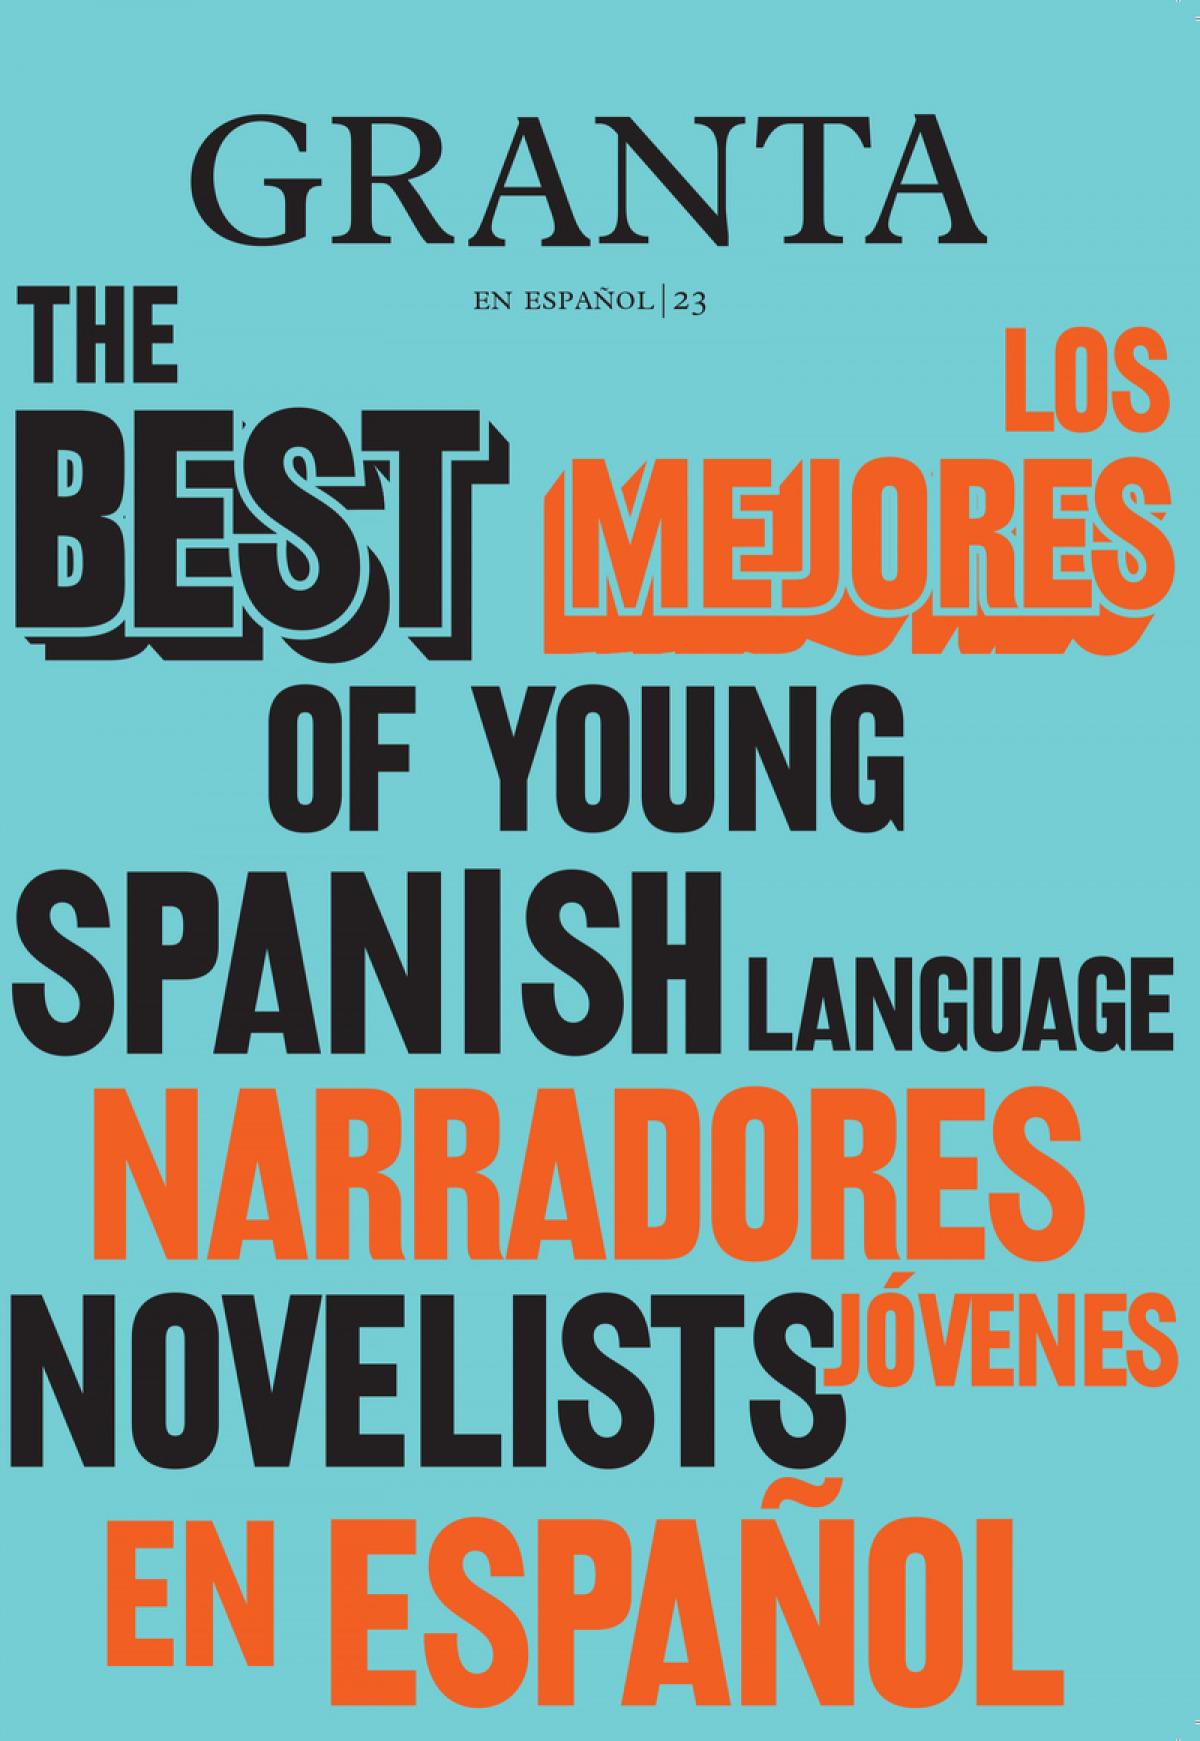 Los mejores narradores jóvenes en español, 2